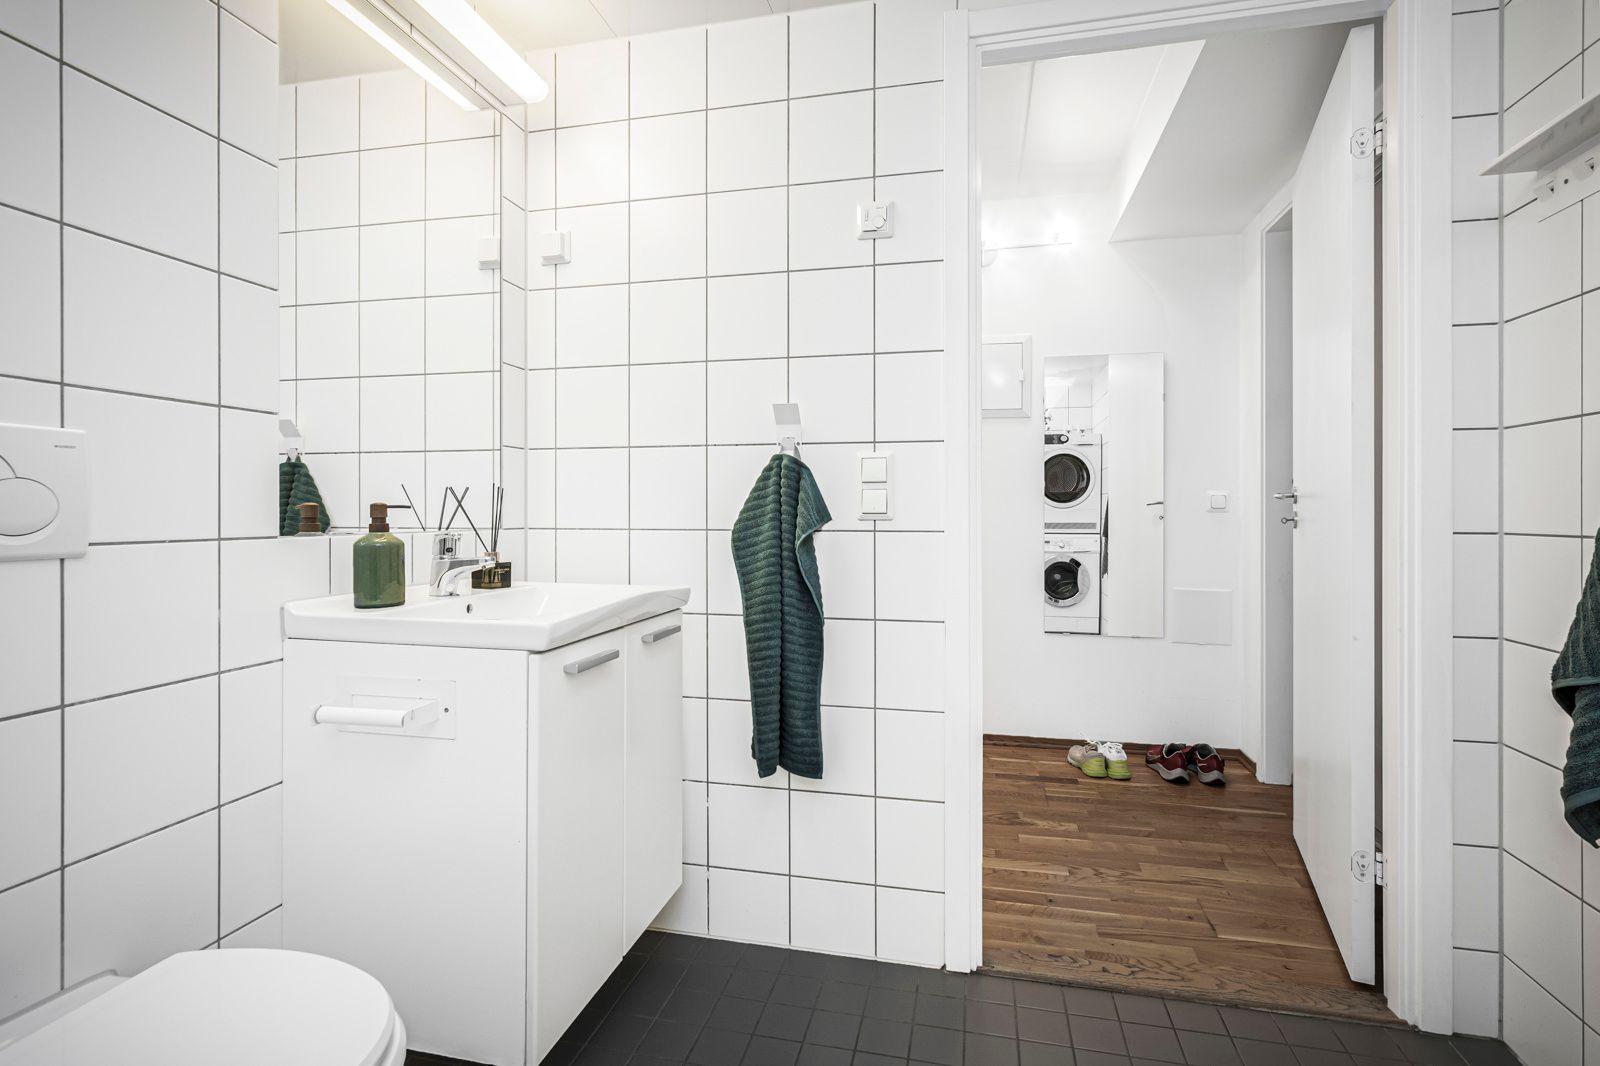 Alnagata 20B Baderommet inneholder servant med underskap, integrert speil med overliggende lyslist, toalett og dusj med svingbare dusjvegger.